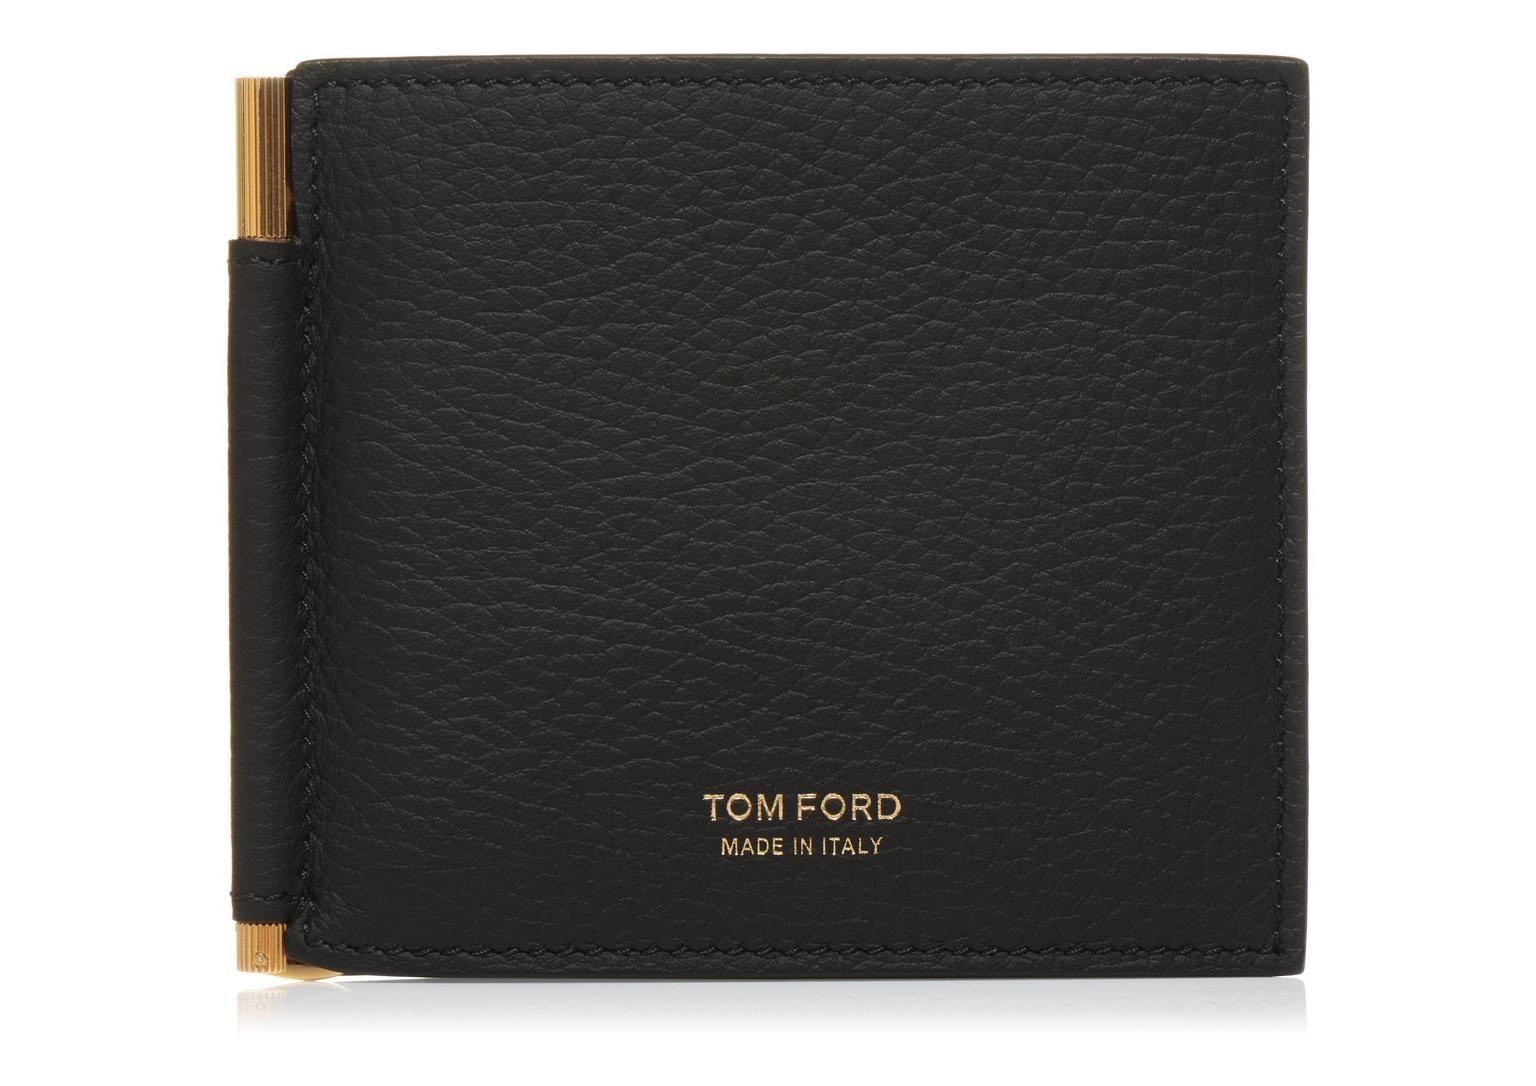 Tom Ford T Line Bi-Fold Money Clip Wallet Black